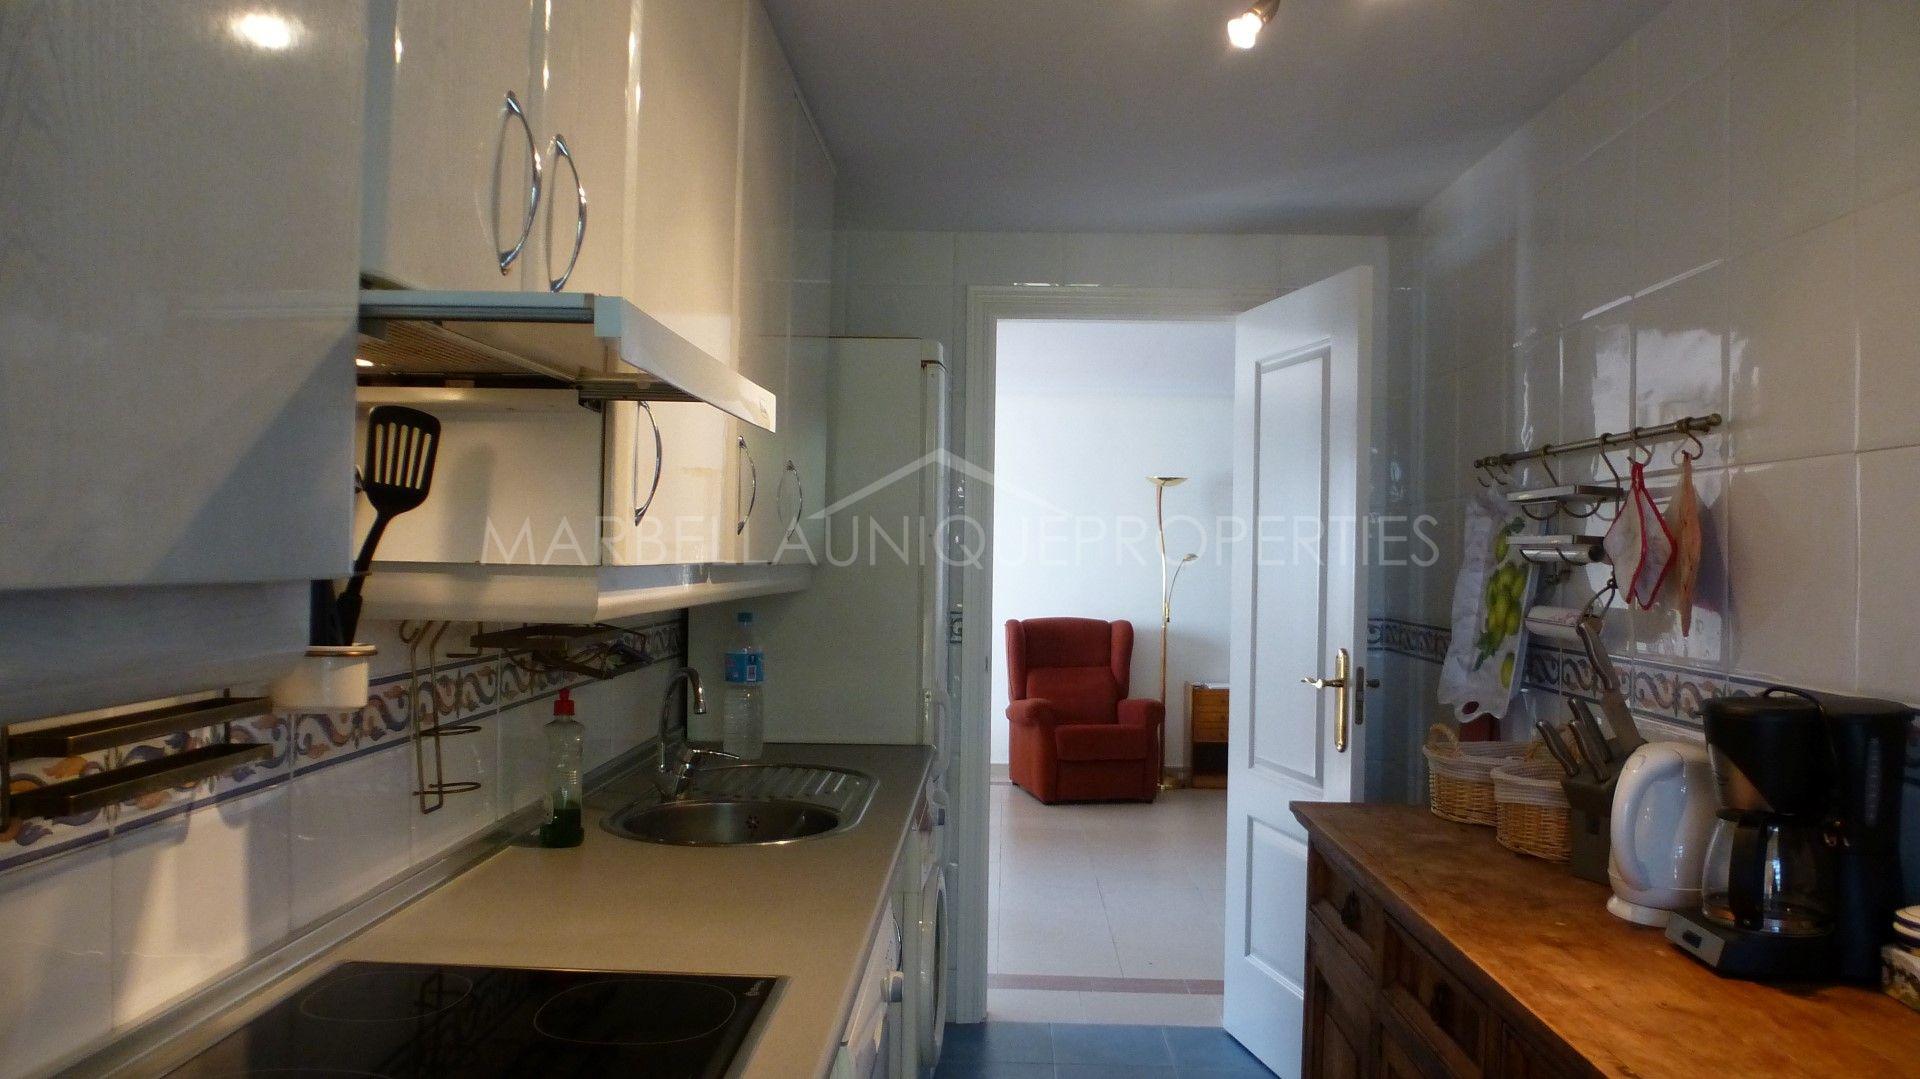 Un apartamento ideal con 2 dormitorios en la maestranza - La sala nueva andalucia ...